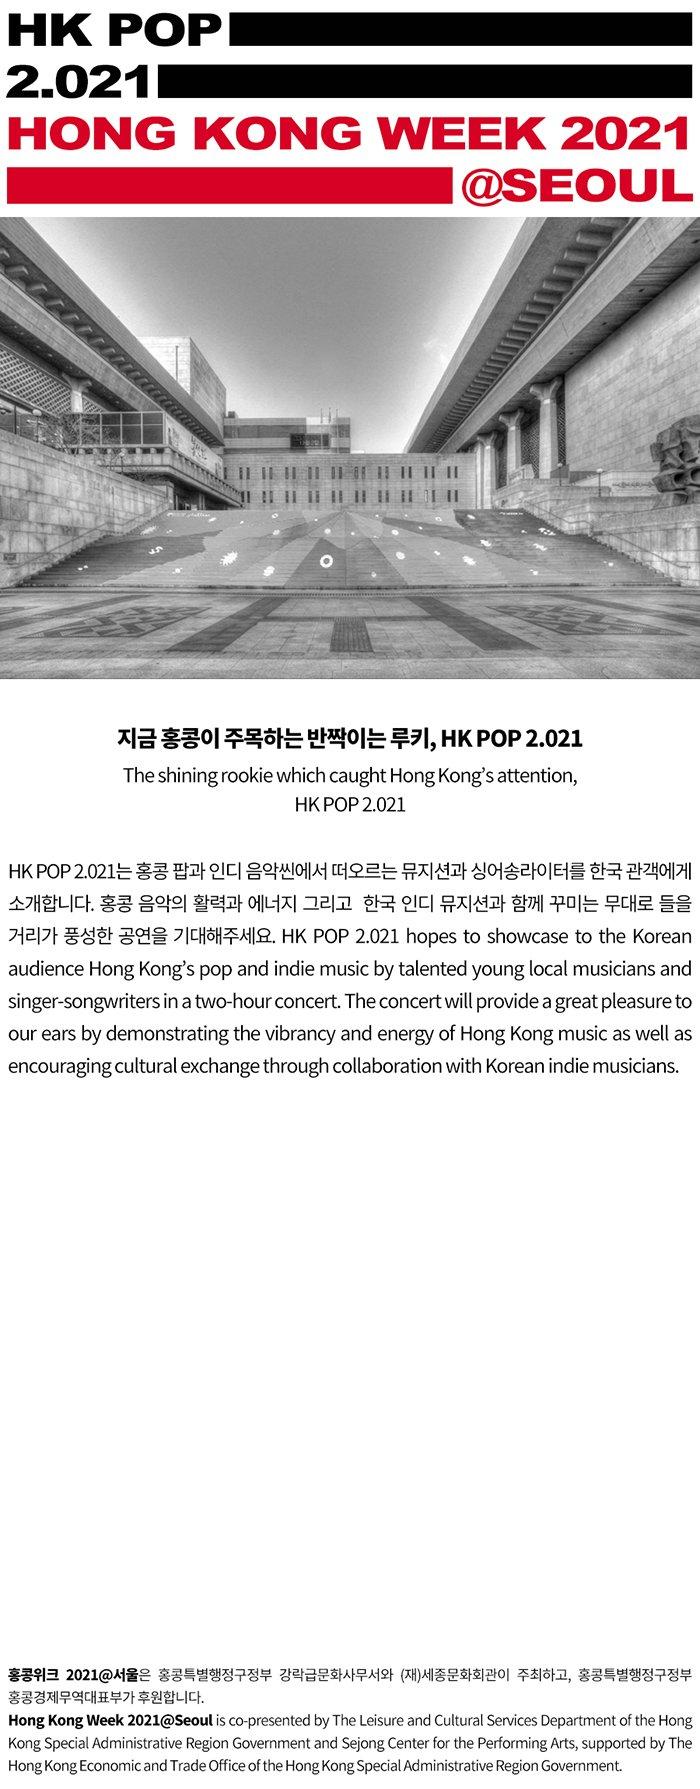 지금 홍콩이 주목하는 반짝이는 루키, 인디콘서트 인디콘서트는 홍콩 팝과 인디음악씬에서 떠오르는 음악가와 싱어송라이터를 한국 관객에게 소개합니다. 홍콩 음악의 활력과 에너지 그리고 한국 인디뮤지션과 함께 꾸미는 무대로 들을 거리가 풍성한 공연을 기대해주세요.